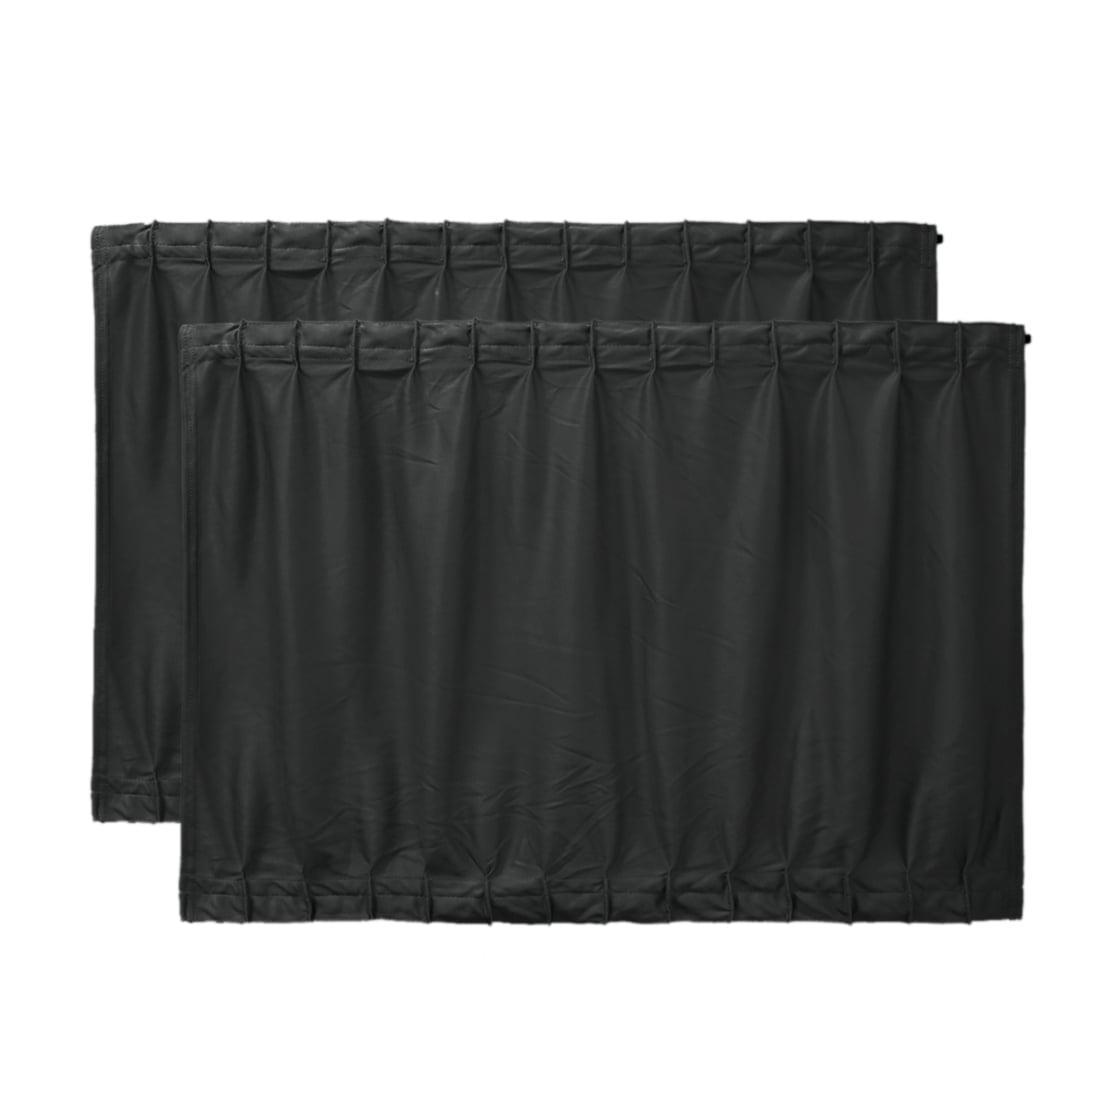 2 Pcs 70 x 47cm réglable noir VIP Voiture rideau pare-soleil pare-soleil fenêtre UV - image 7 de 7